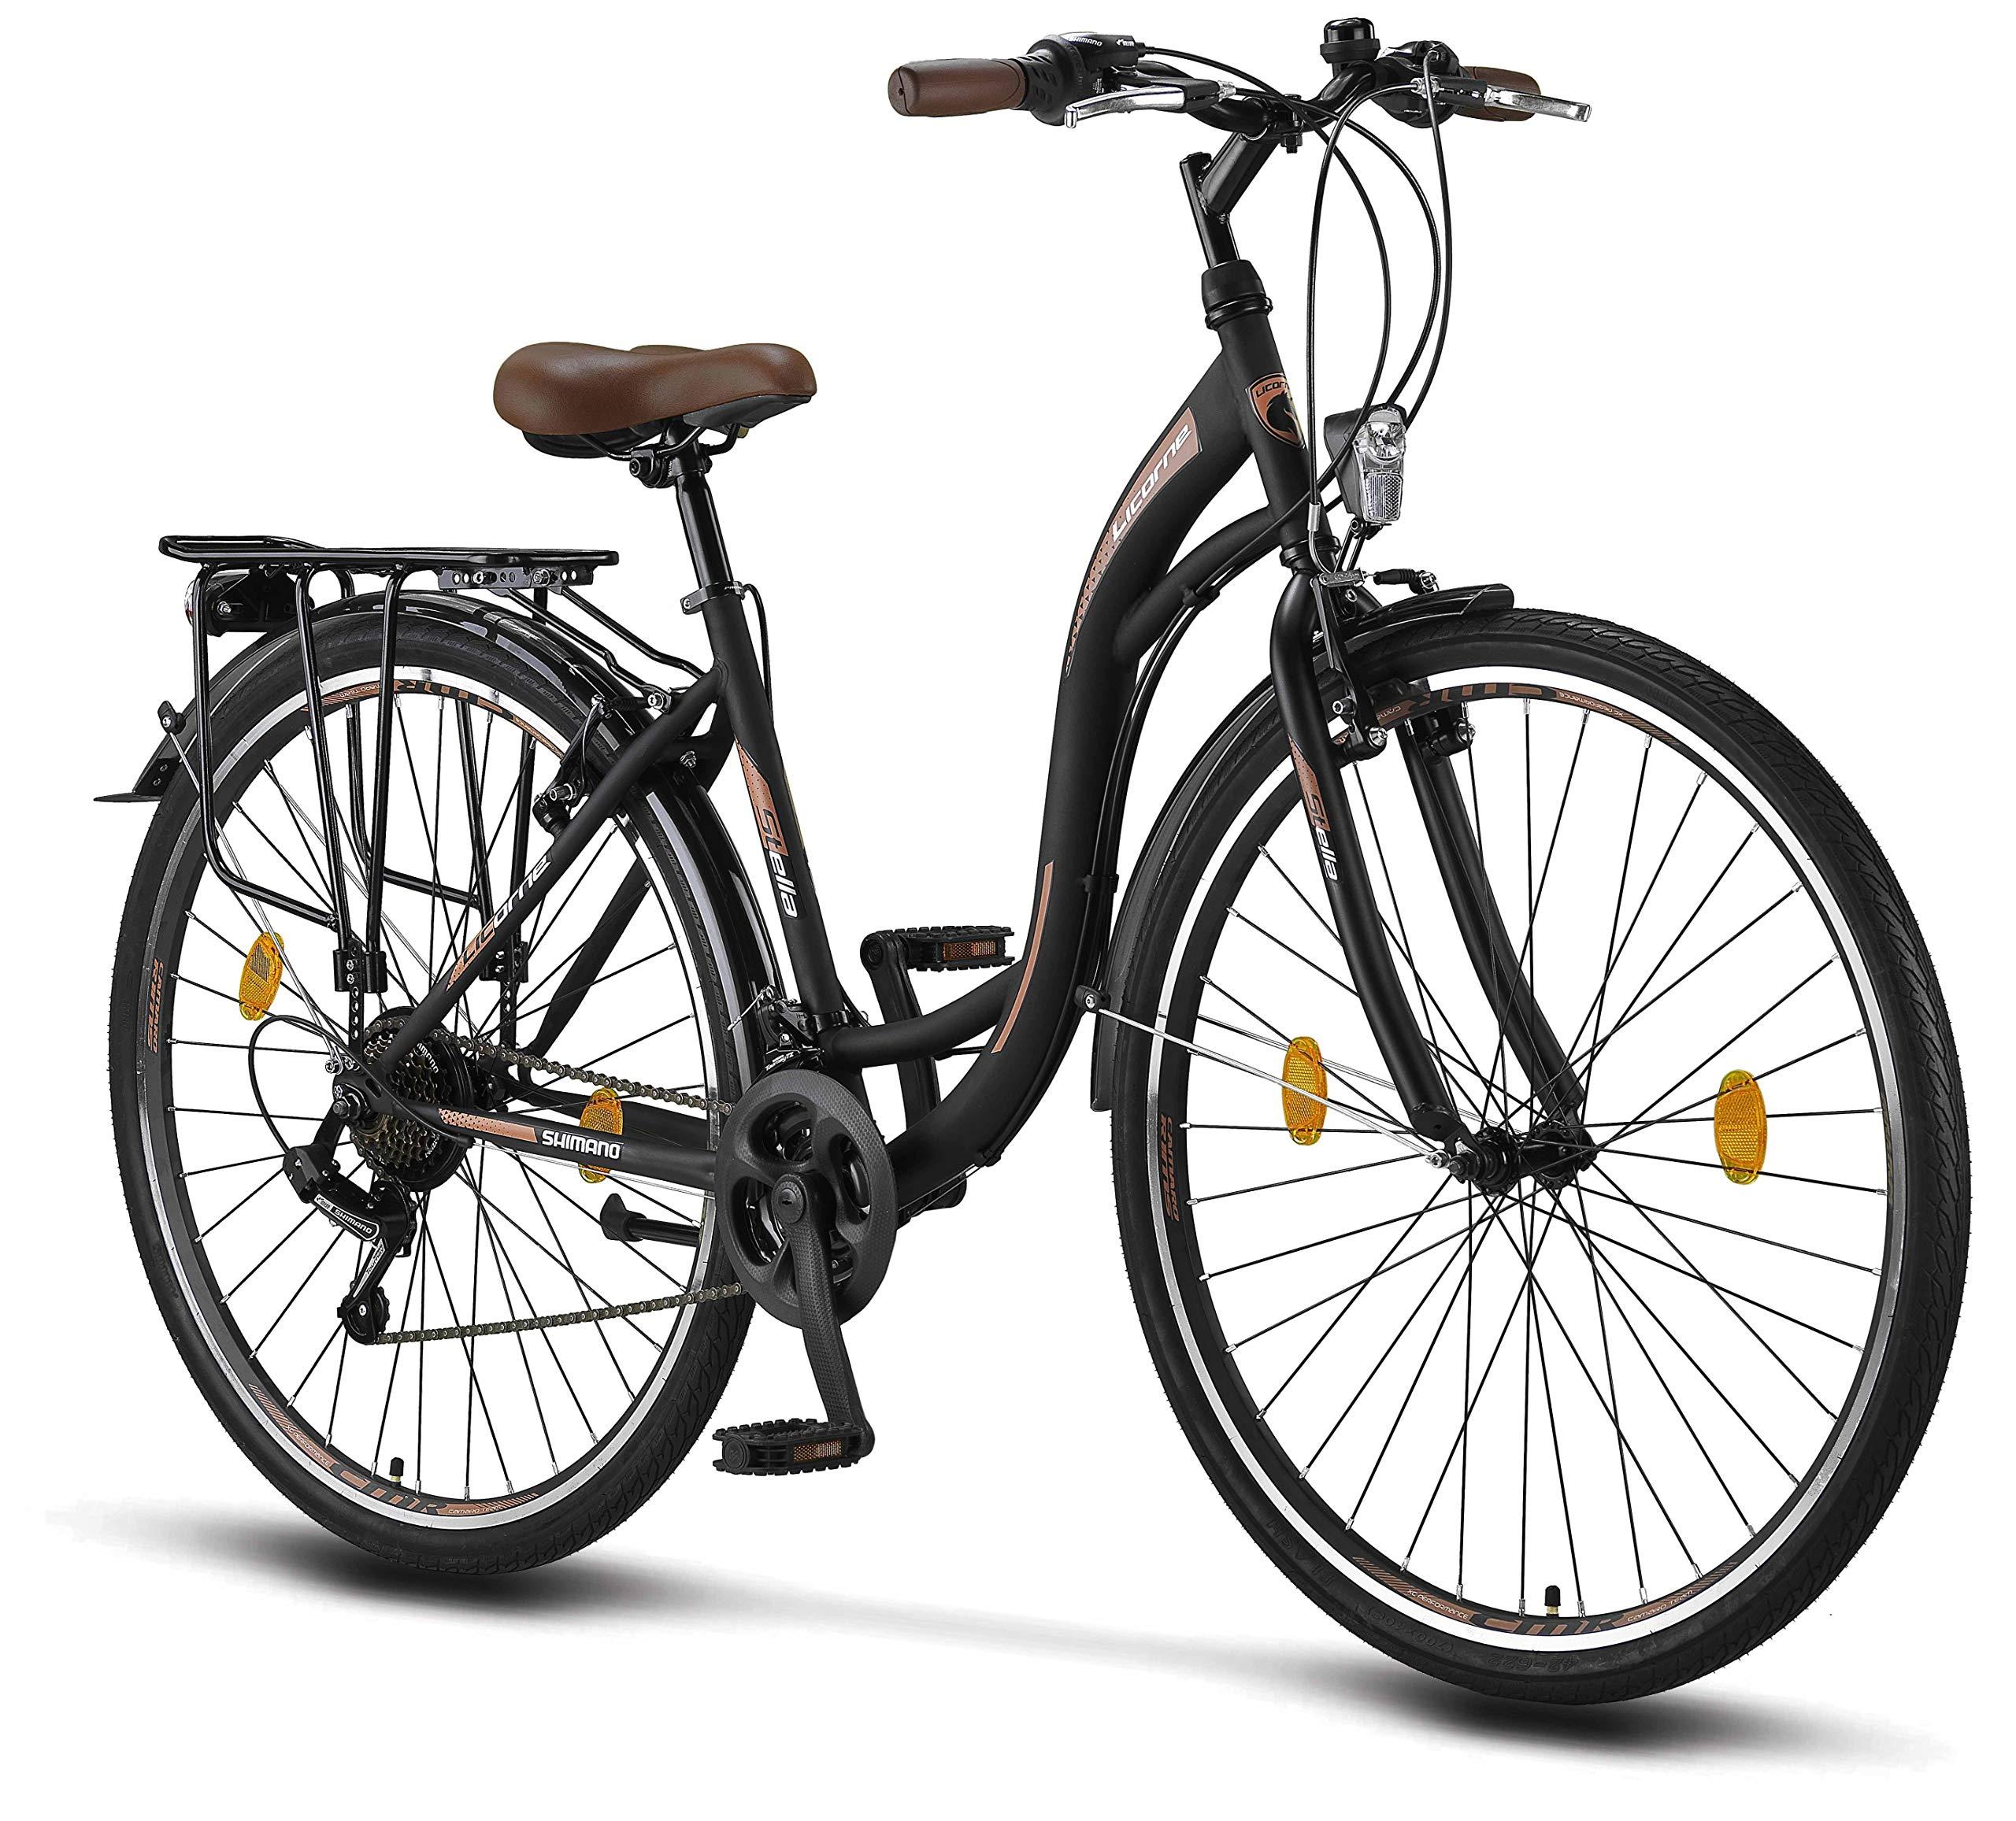 Licorne Bike Stella de 28 Pulgadas, Bicicleta Paseo, Bicicleta para Mujer, Desde 160 cm, luz de Bicicleta, Cambio de Velocidad Shimano 21, Bicicleta Urbana para Mujer, Bicicleta para Mujer: Amazon.es: Deportes y